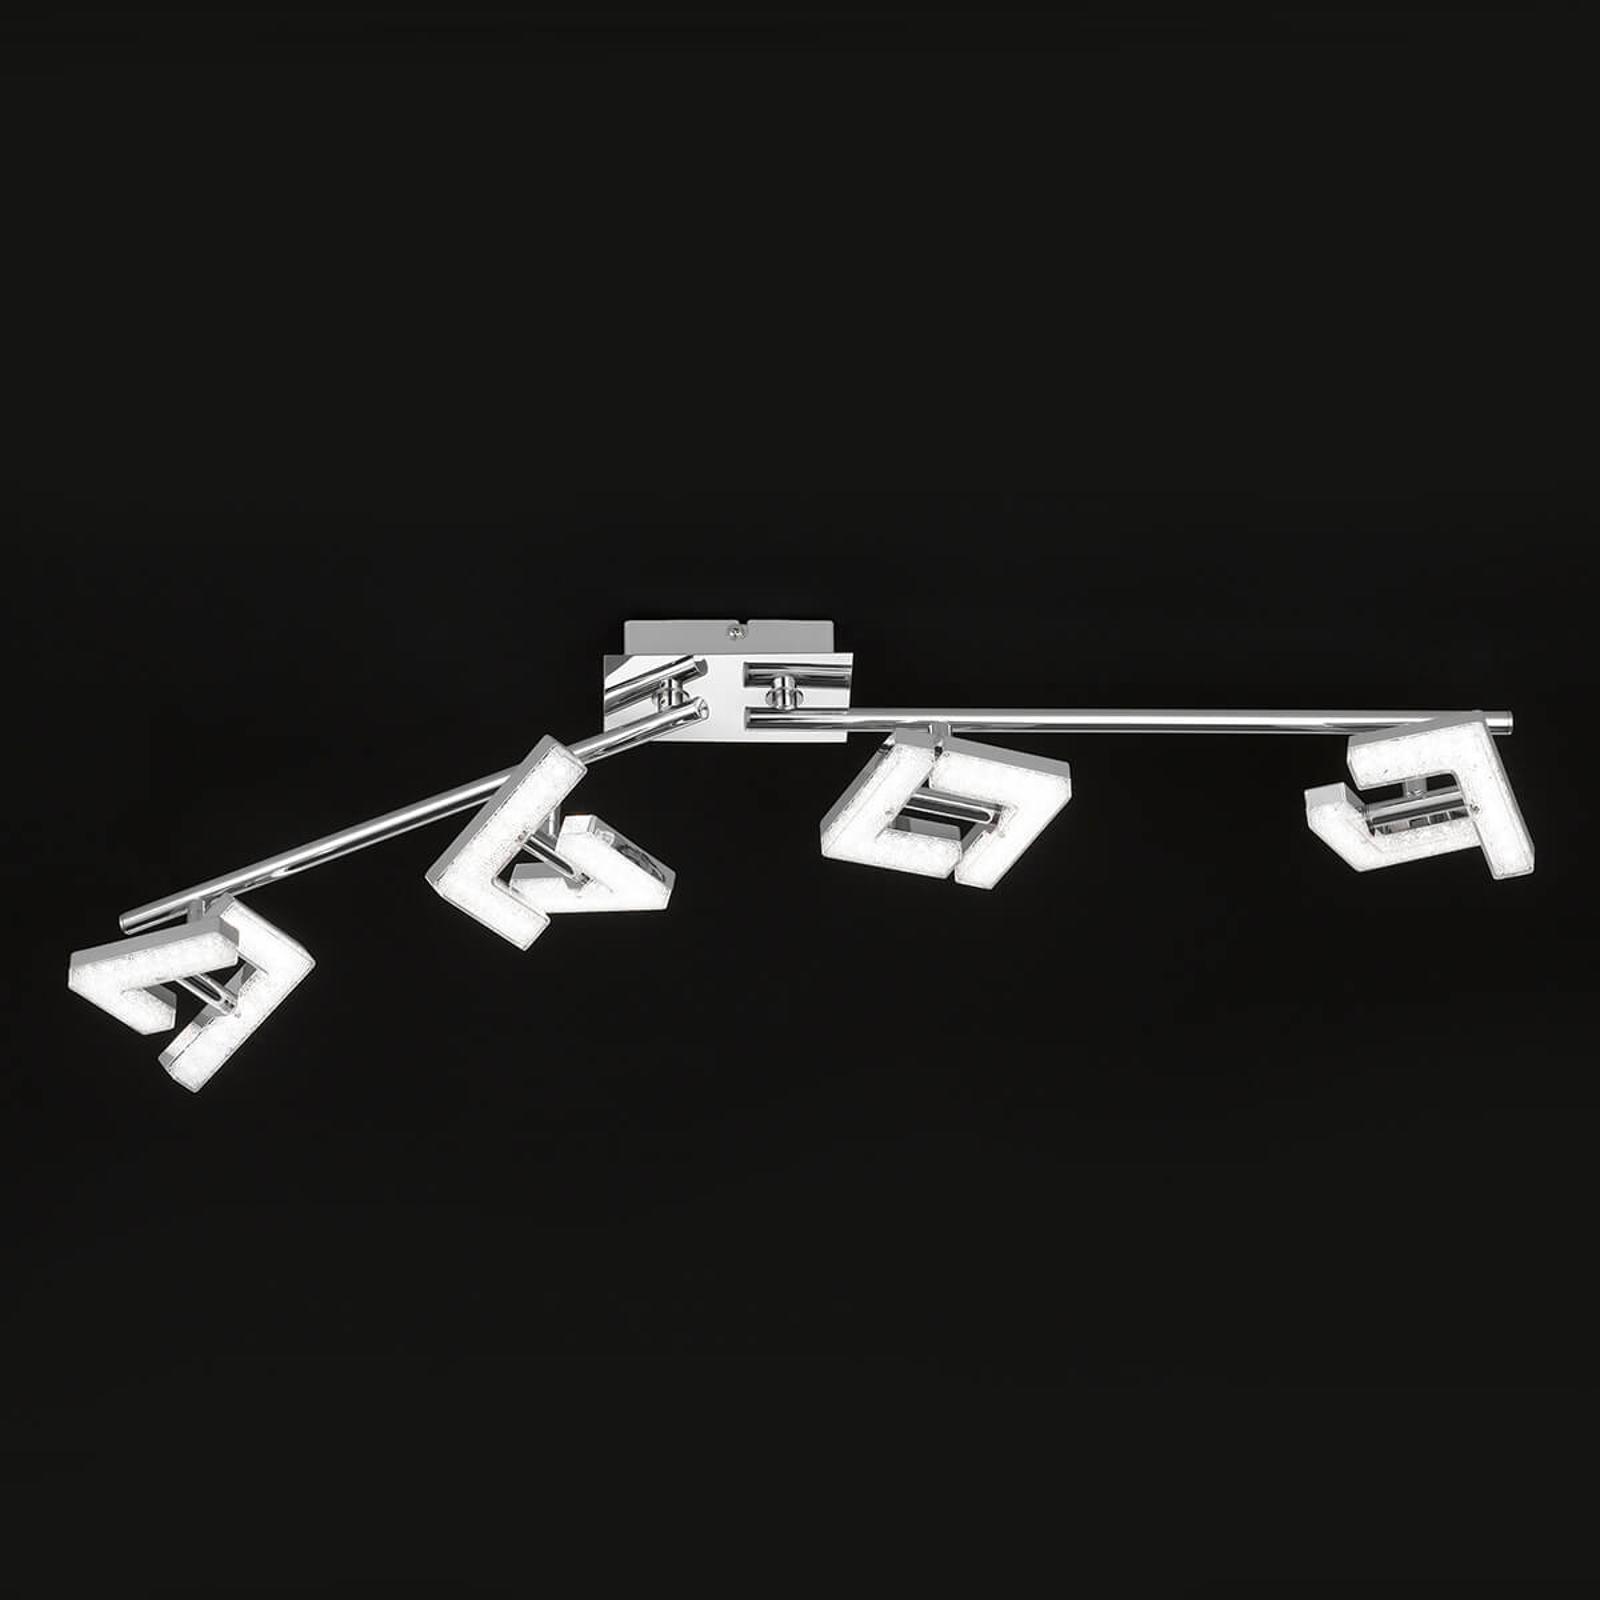 Mehrfach verstellbare LED-Deckenleuchte Lea